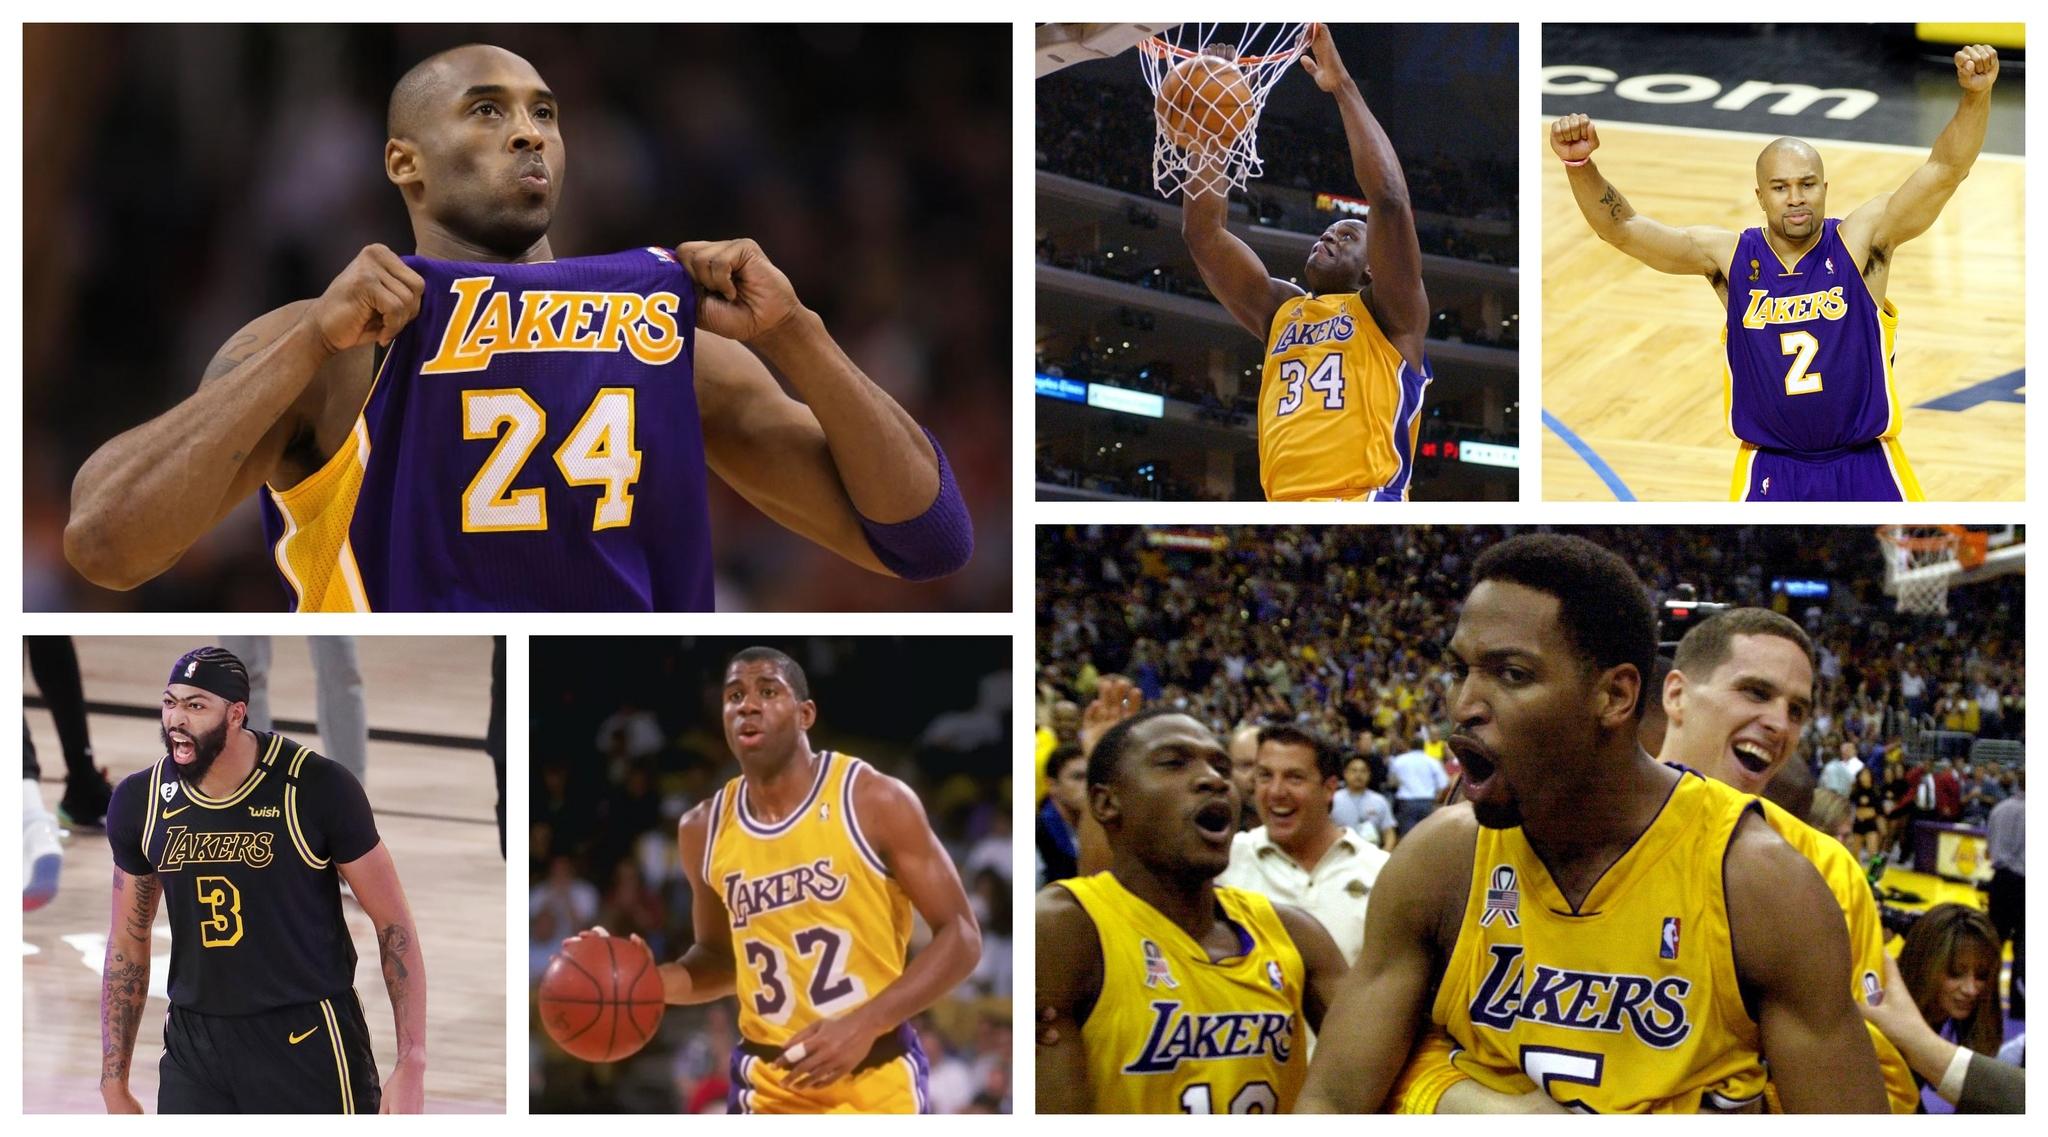 El triple de Davis se suma a la lista de tiros históricos de los Lakers en playoffs